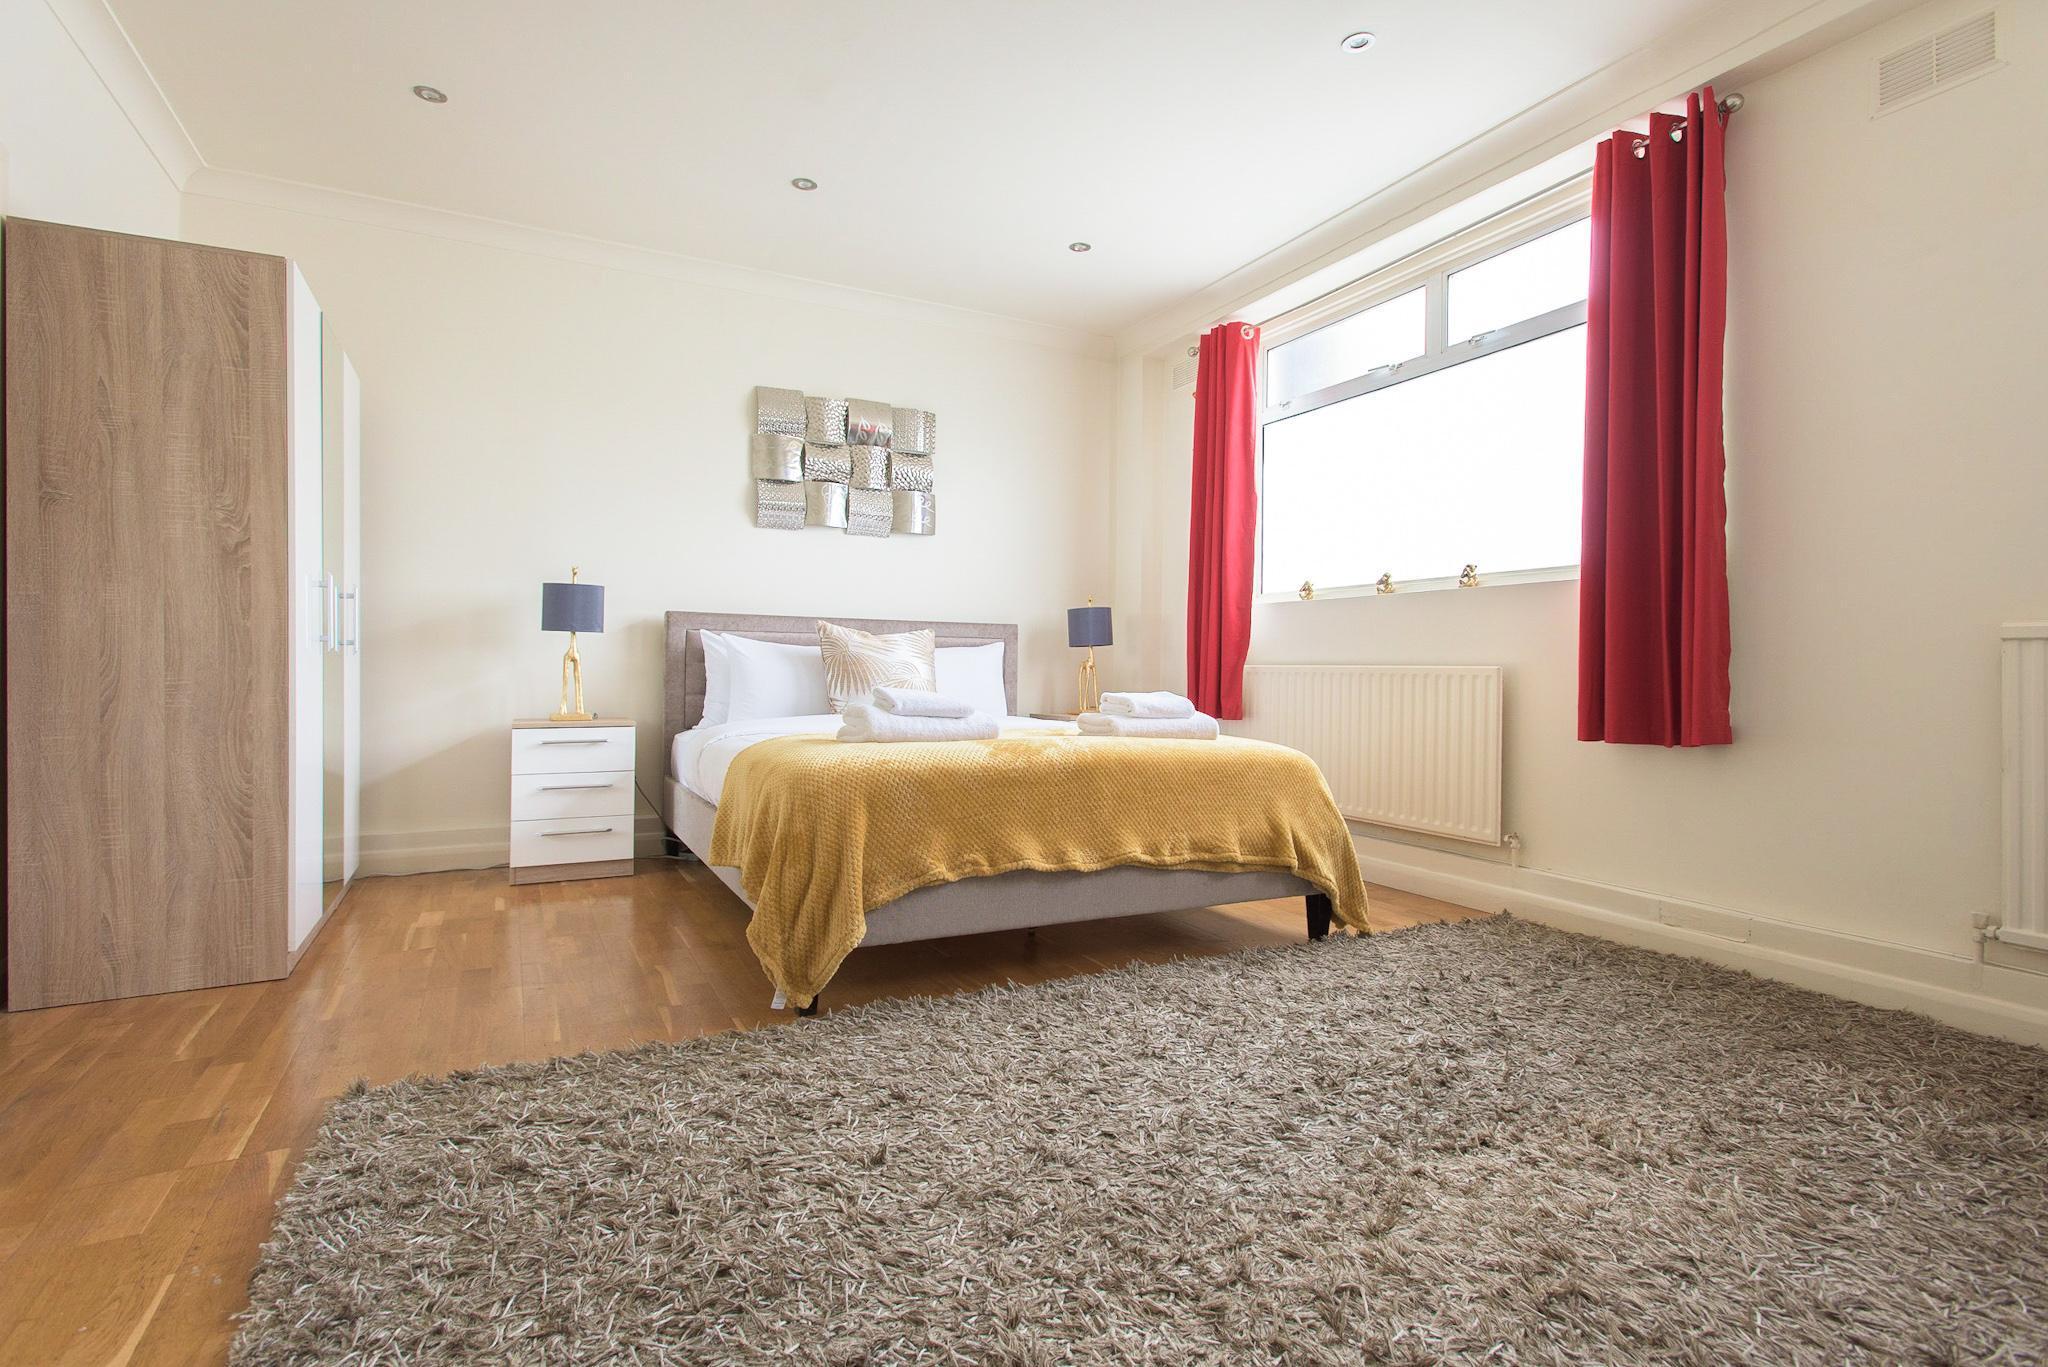 Platinum Apartments Near Mornigton Crescent